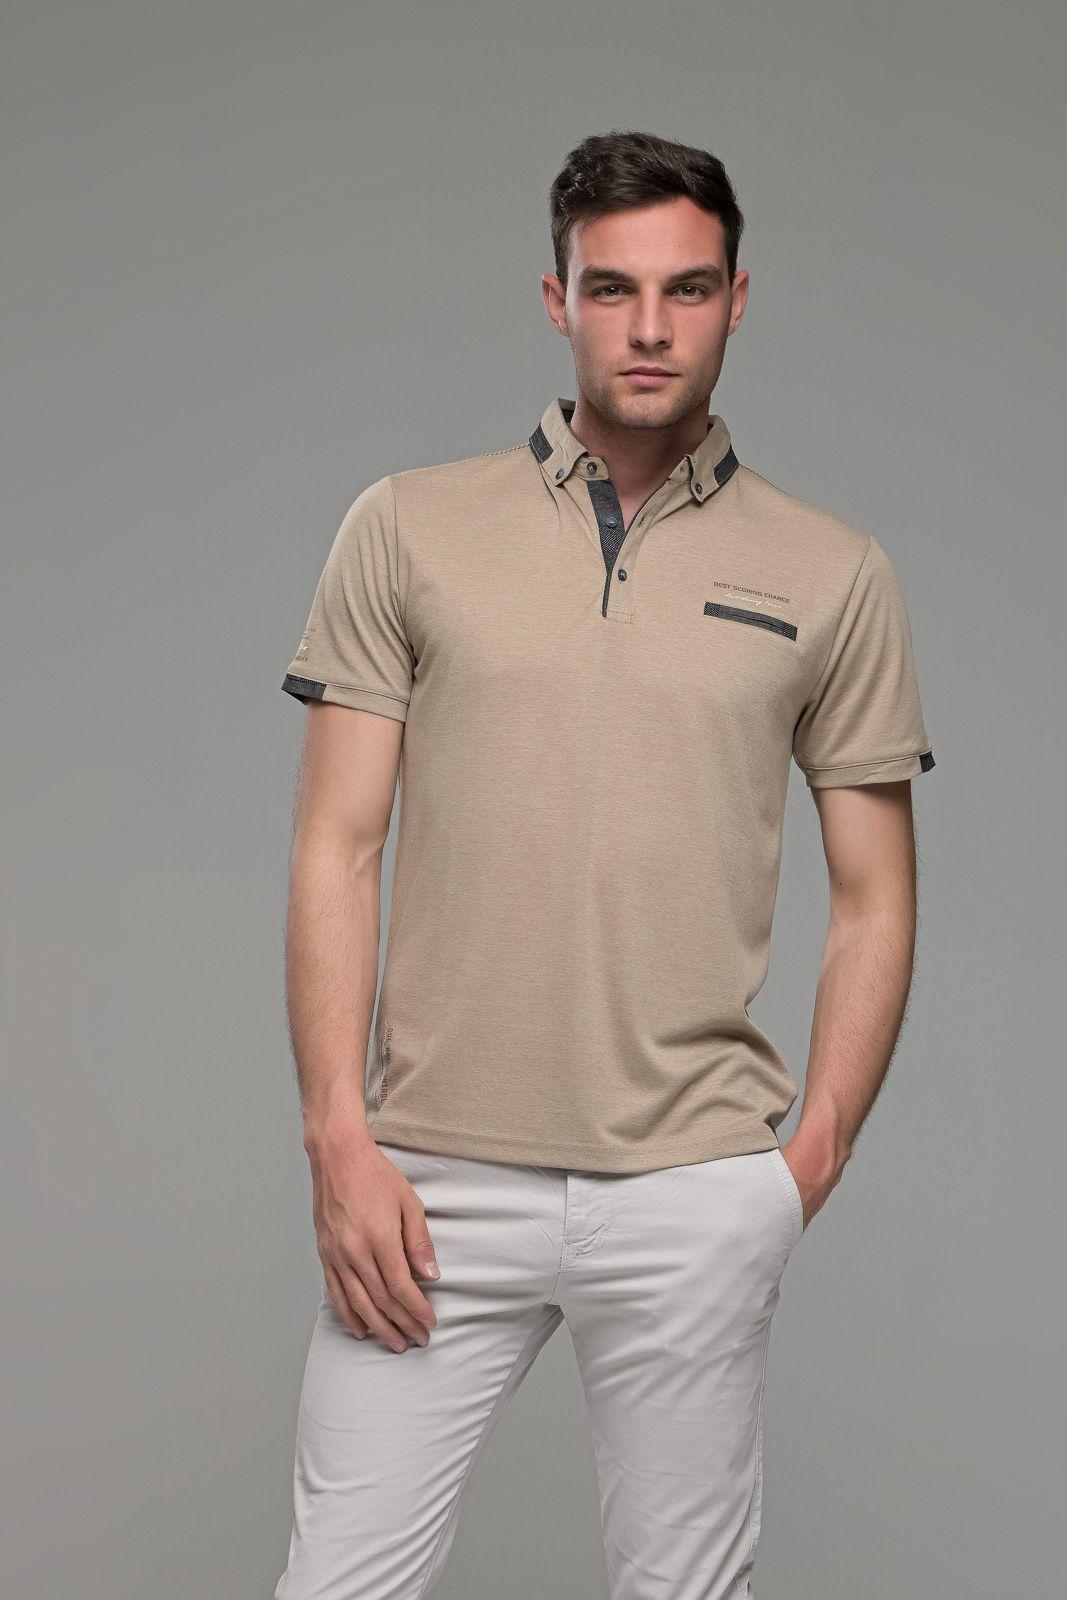 Πόλο ανδρικό μπλουζάκι μπεζ MS με κοντό μανίκι και σχέδιο στο γιακά – Slim Fit